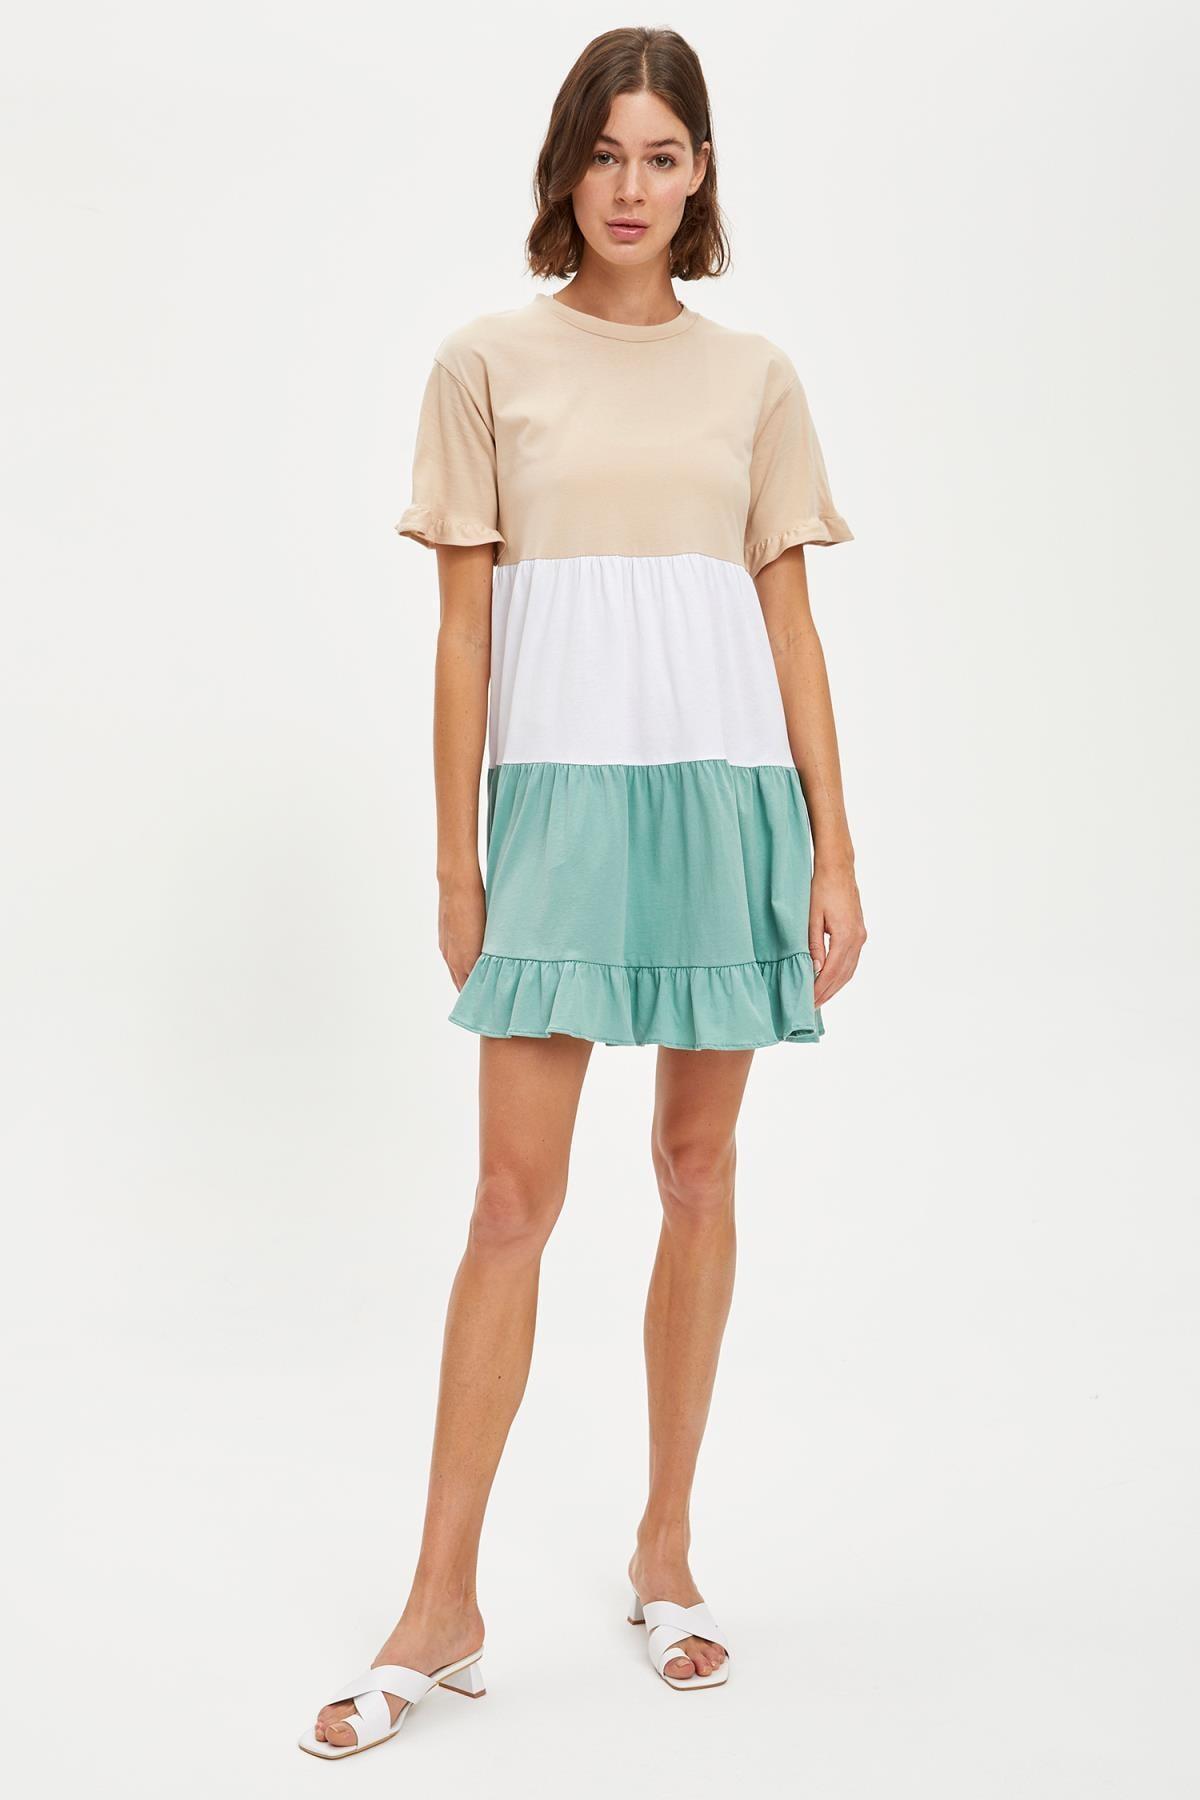 DeFacto Kadın Mınt Renk Bloklu Mini Boy Örme Elbise S6701AZ20HS